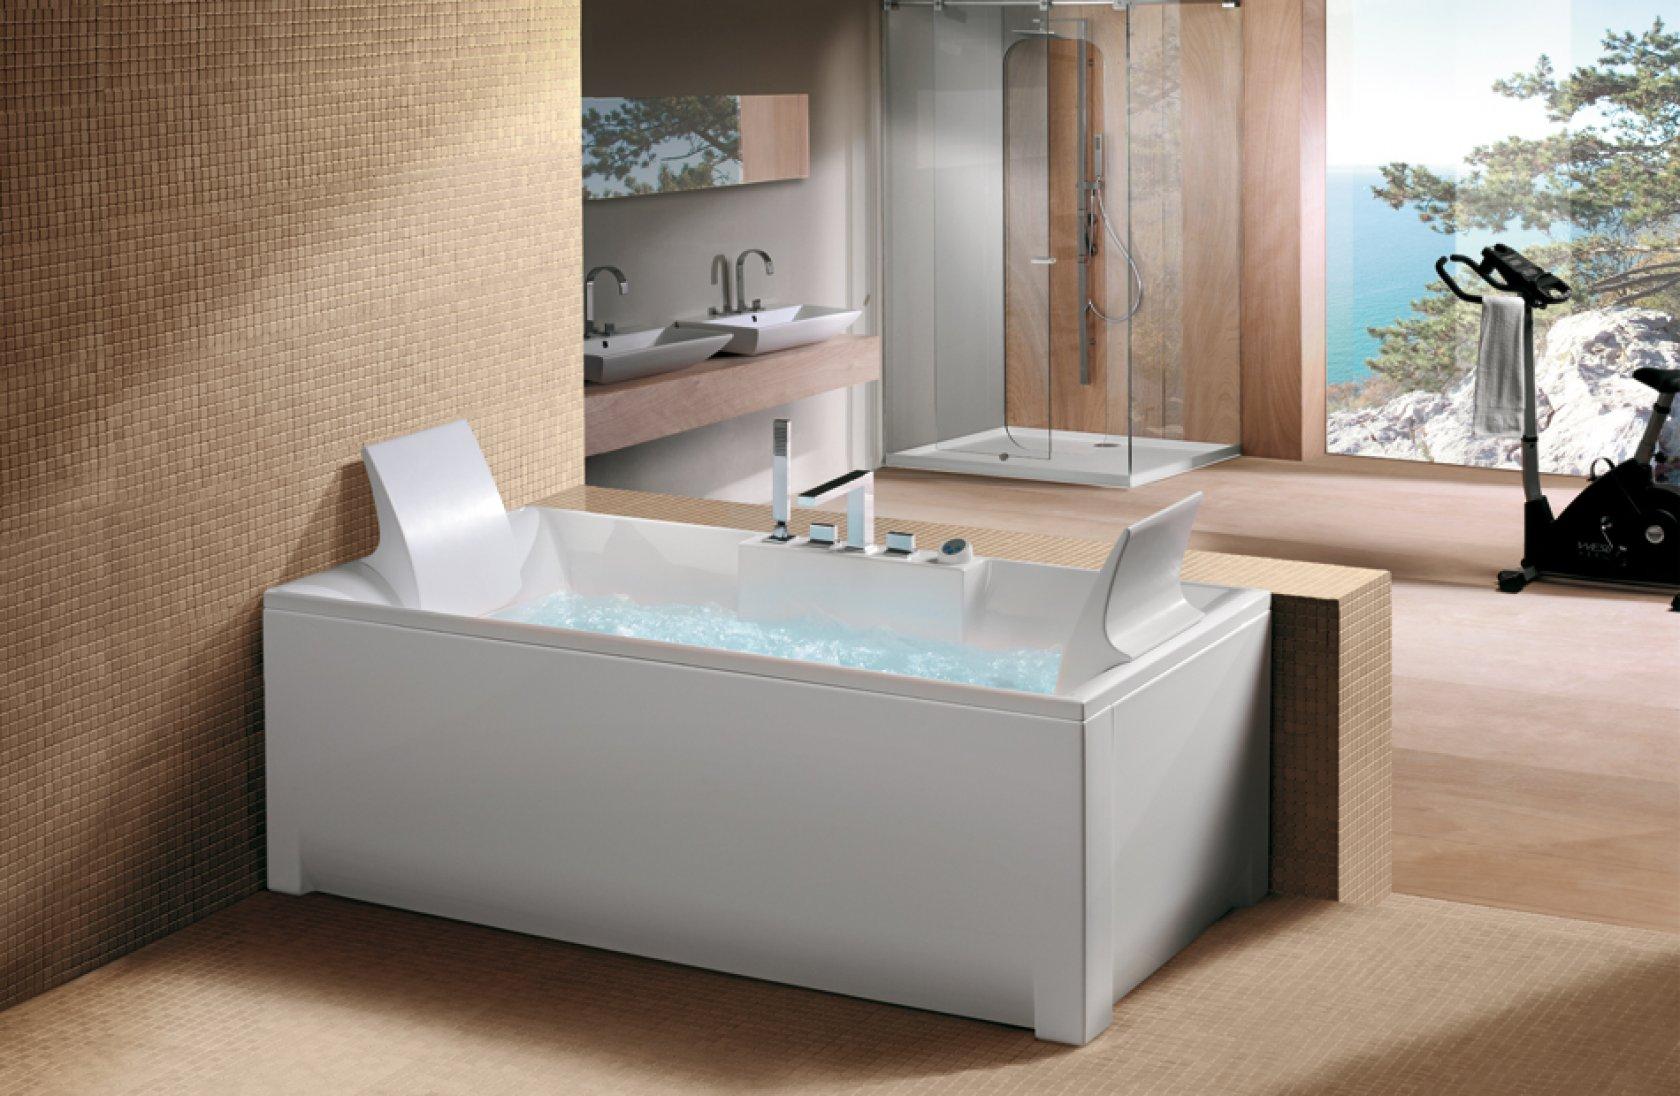 Vernice Per Vasca Da Bagno Prezzi : Blubleu vasche da bagno vasche da bagno edilceramiche di maccanò